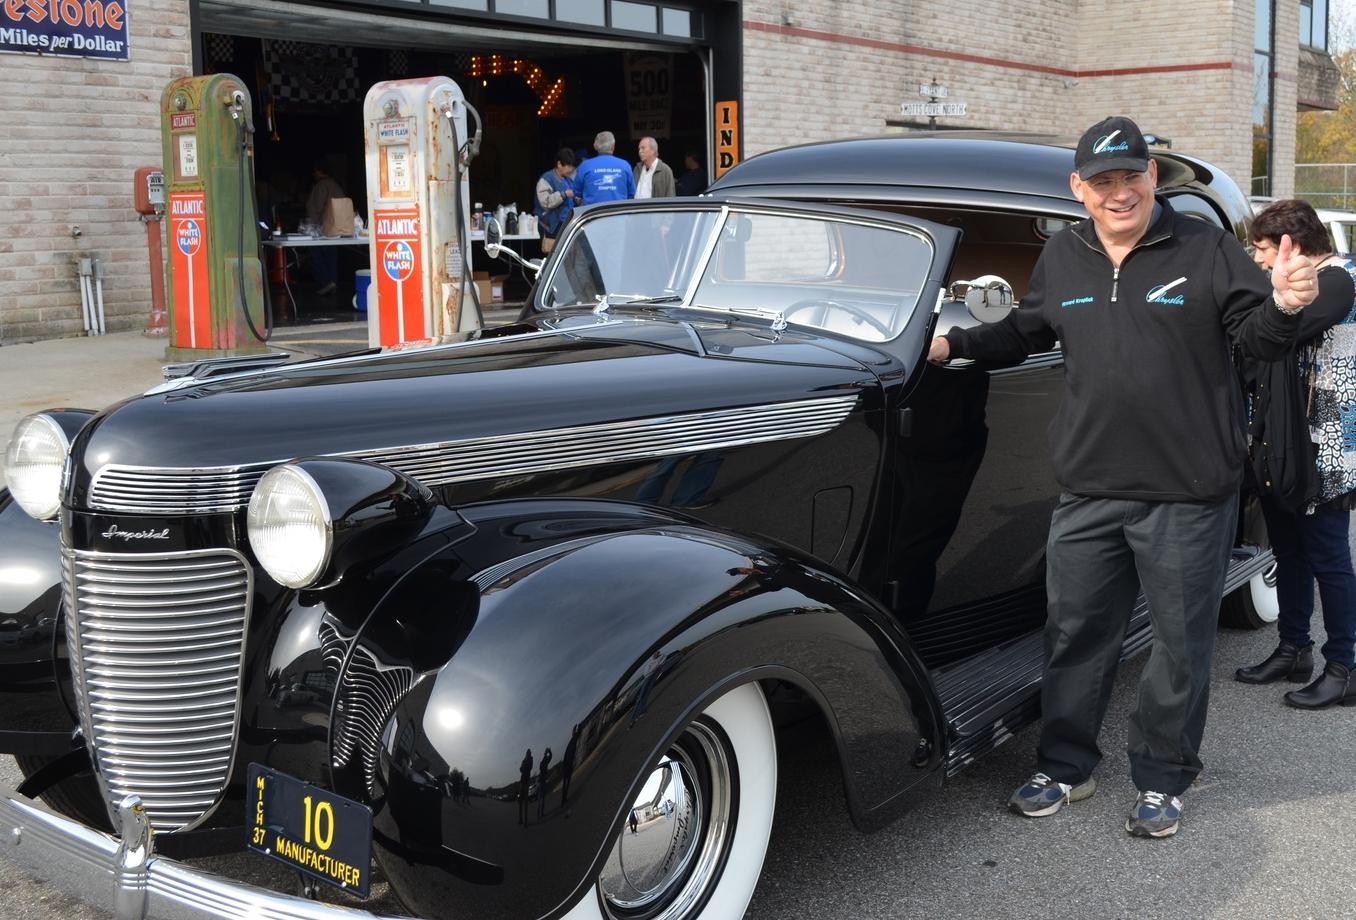 Howard Kroplick's 1937 Chrysler's Chrysler #1 of 1